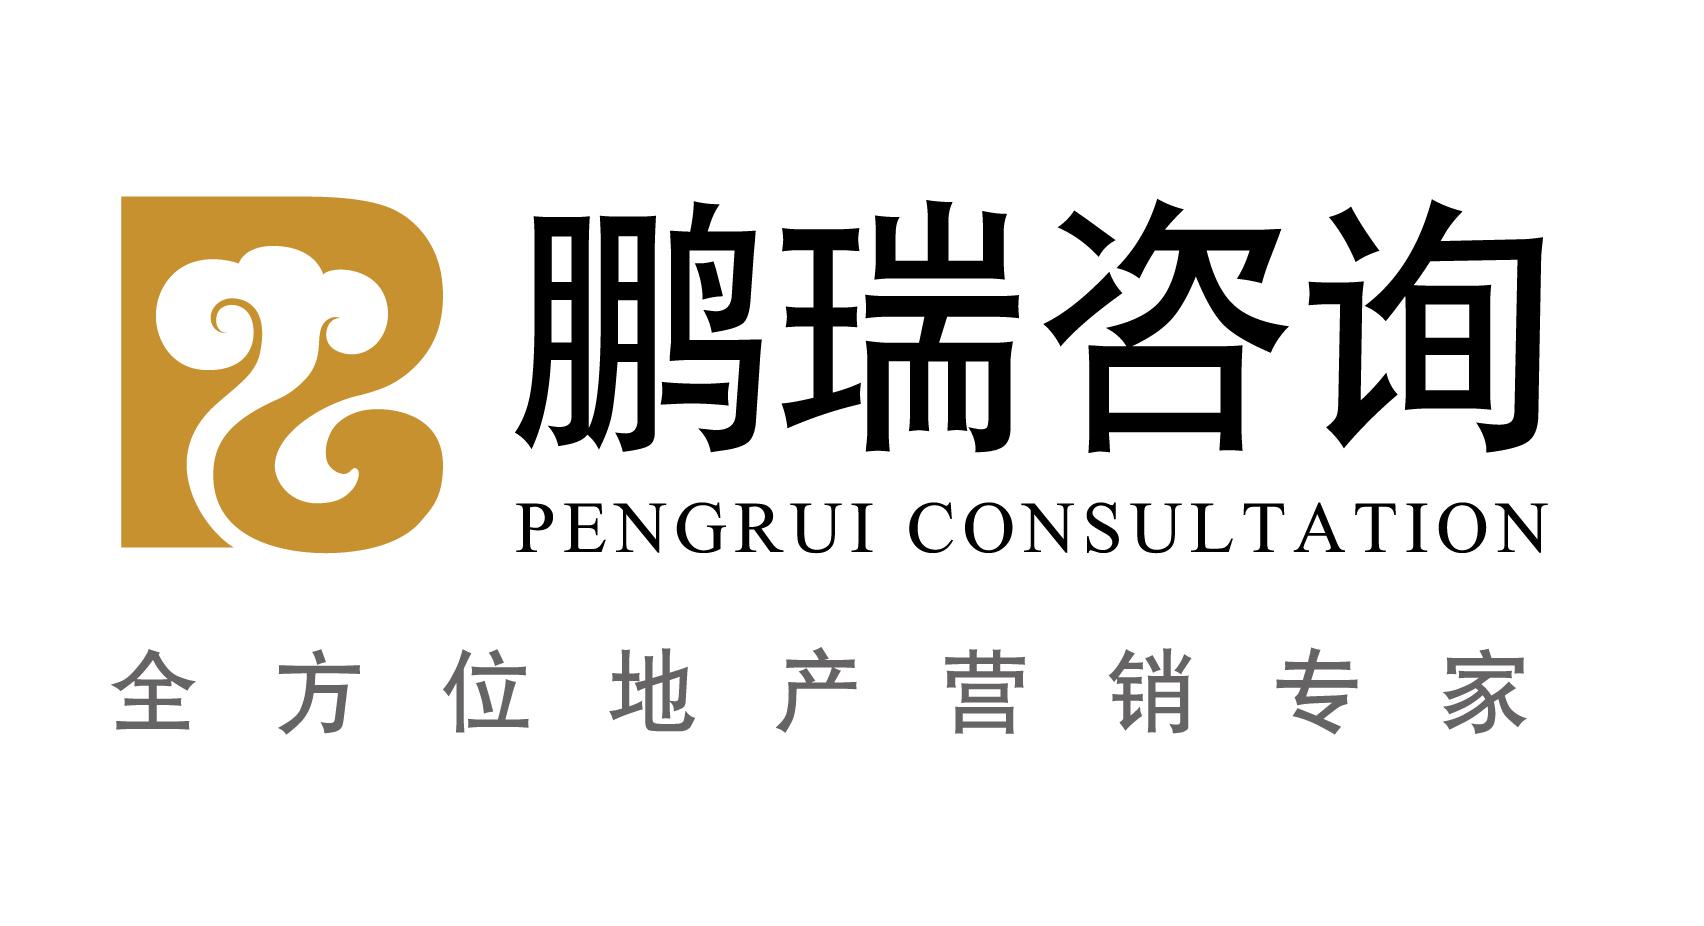 logo logo 标志 设计 矢量 矢量图 素材 图标 1704_926